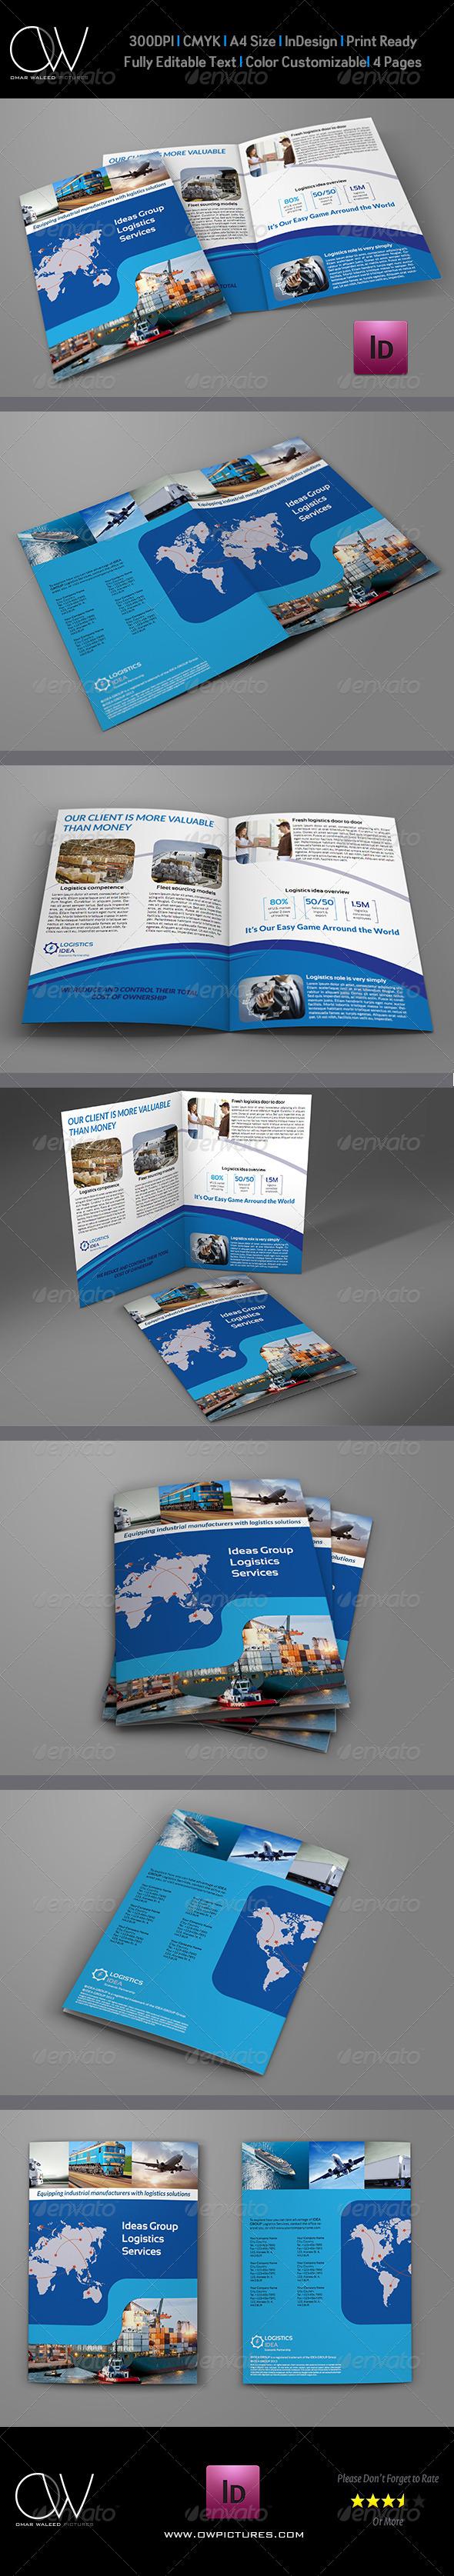 Logistics Services Bi Fold Brochure Template - Corporate Brochures